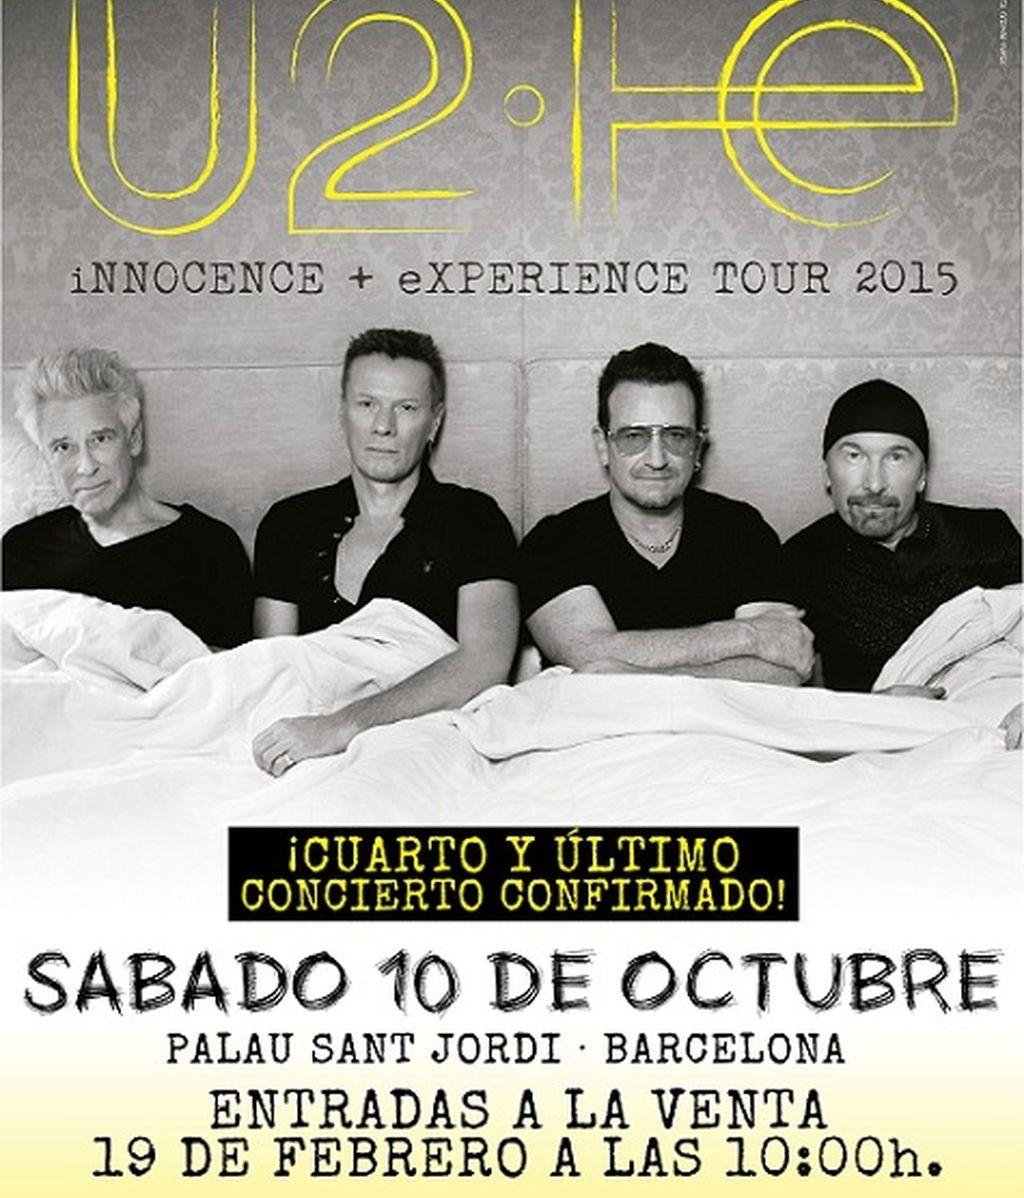 ¡¡Cuarto y último concierto para la gira de U2 en España!!